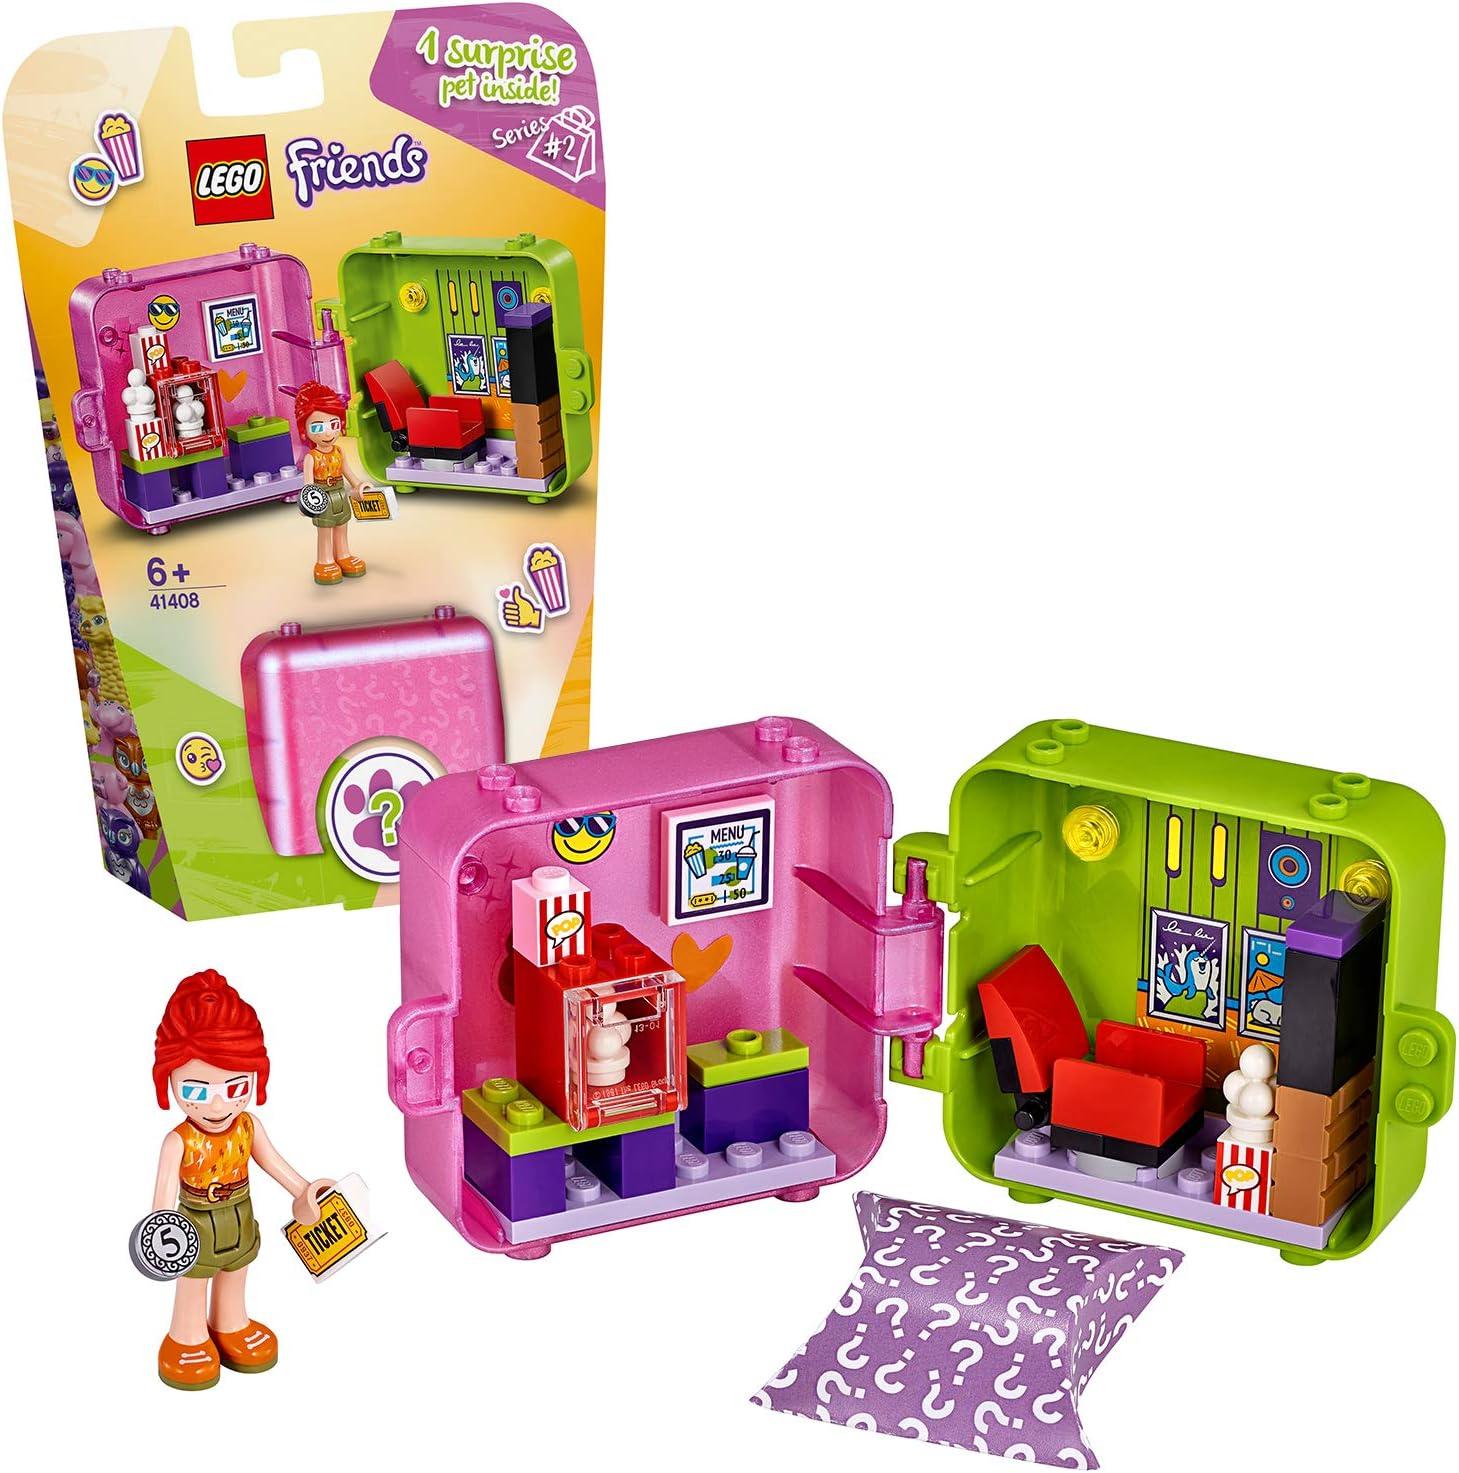 LEGO Friends - Cubo Tienda de Juegos de Olivia Caja de Juguete, con Accesorios y Mini Muñeca, Juguete de muñecas recomendado a partir de 6 años, Multicolor , color/modelo surtido: Amazon.es: Juguetes